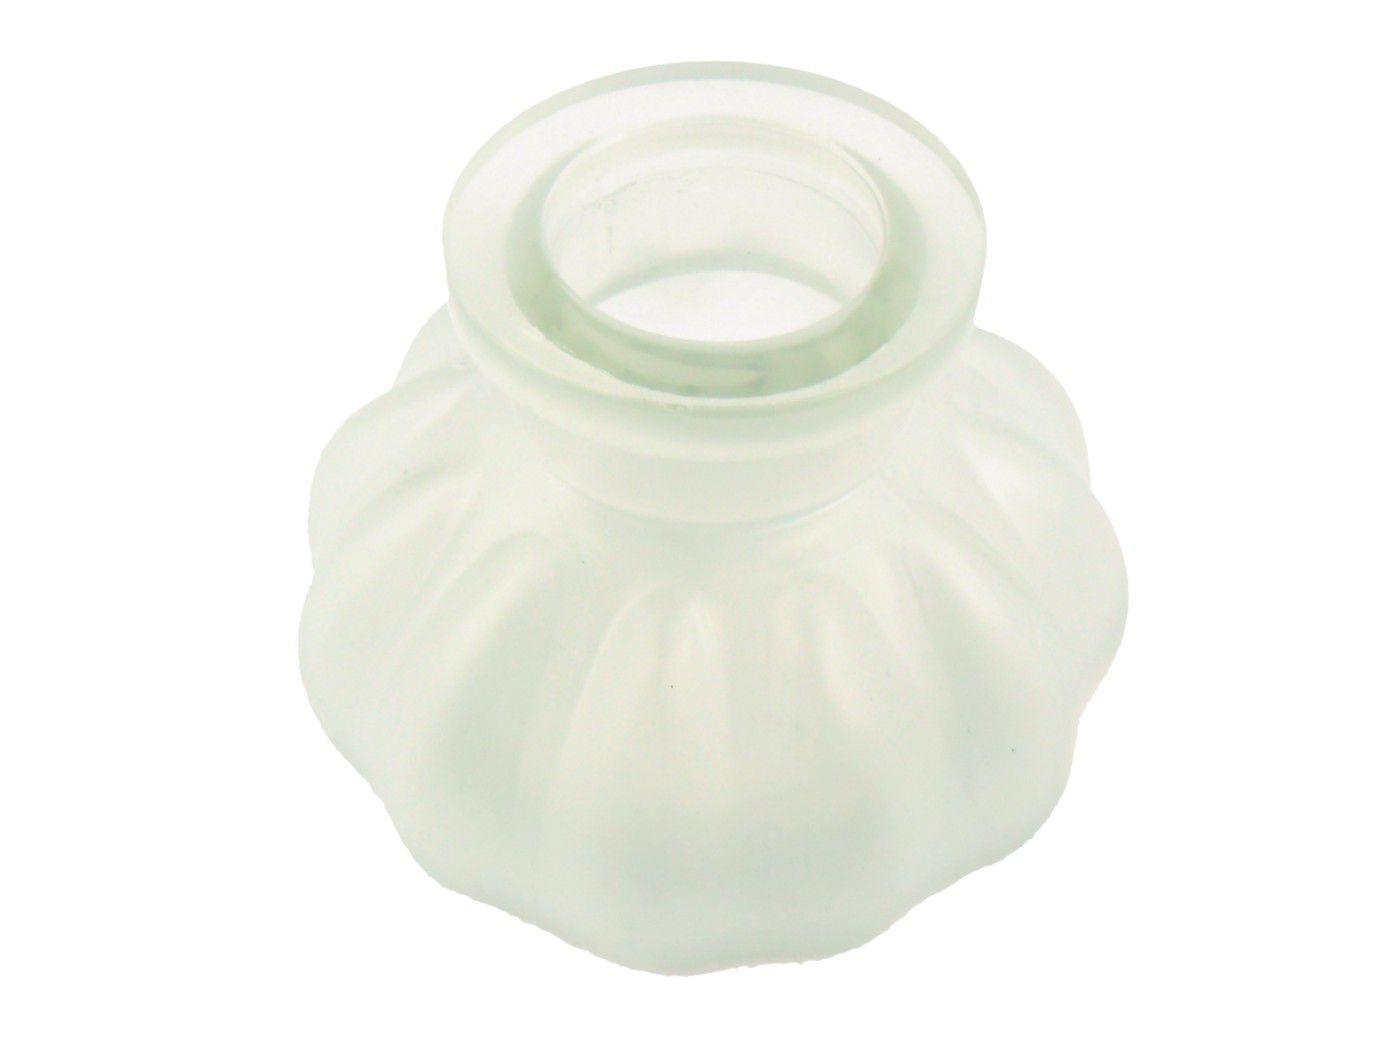 Vaso/base para narguile em vidro moldado, pequeno, 8cm de altura. Encaixe tipo fêmea. Branco